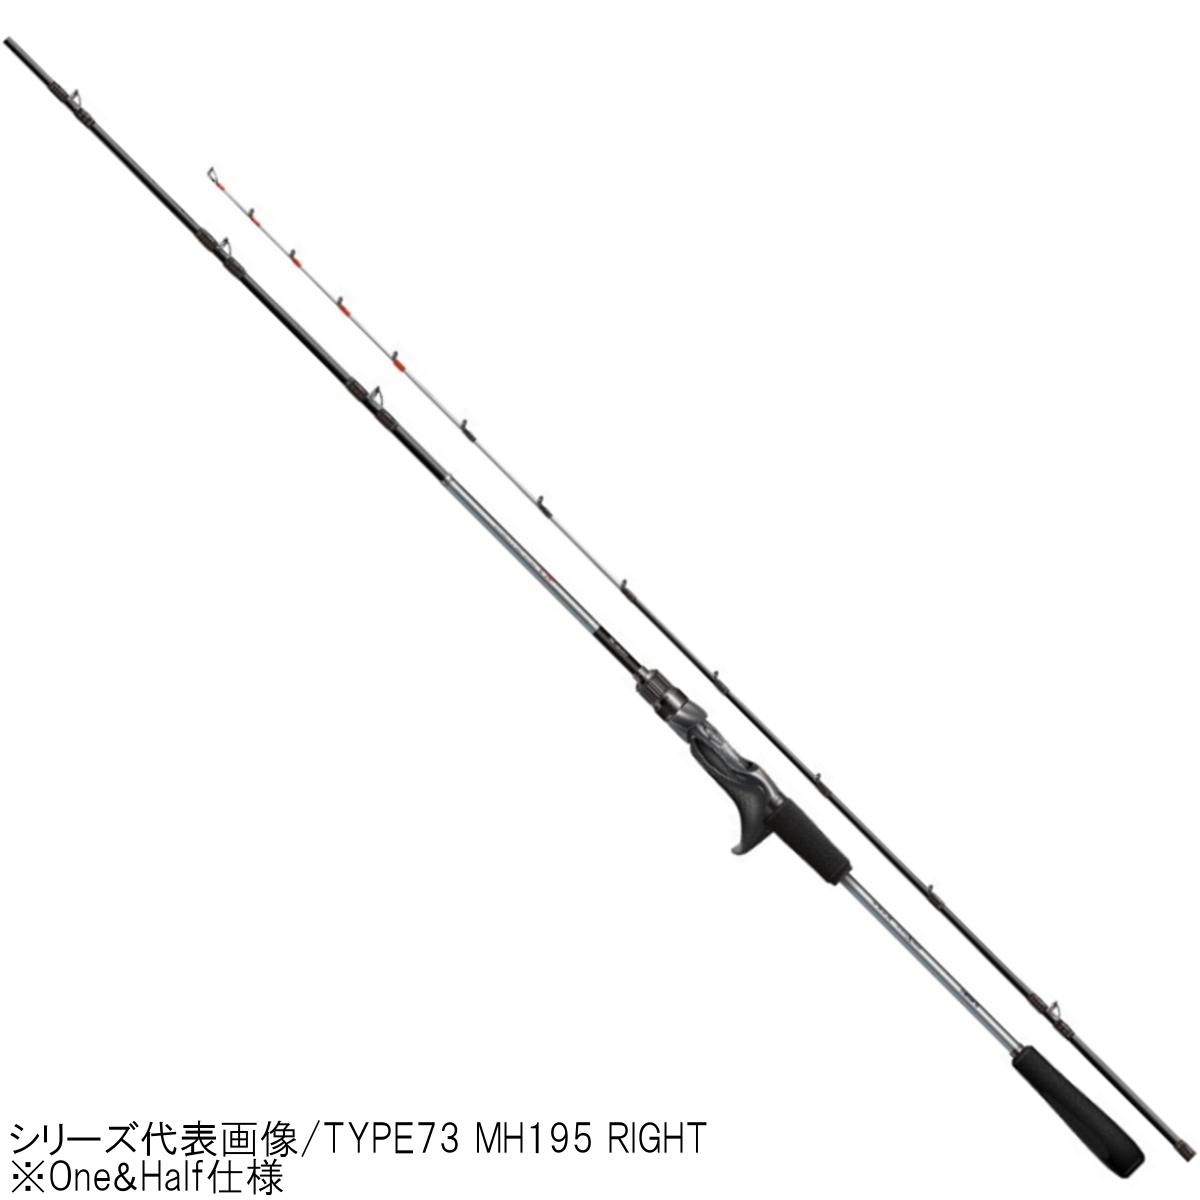 シマノ ライトゲーム CI4+ TYPE73 MH225 RIGHT【大型商品】【送料無料】